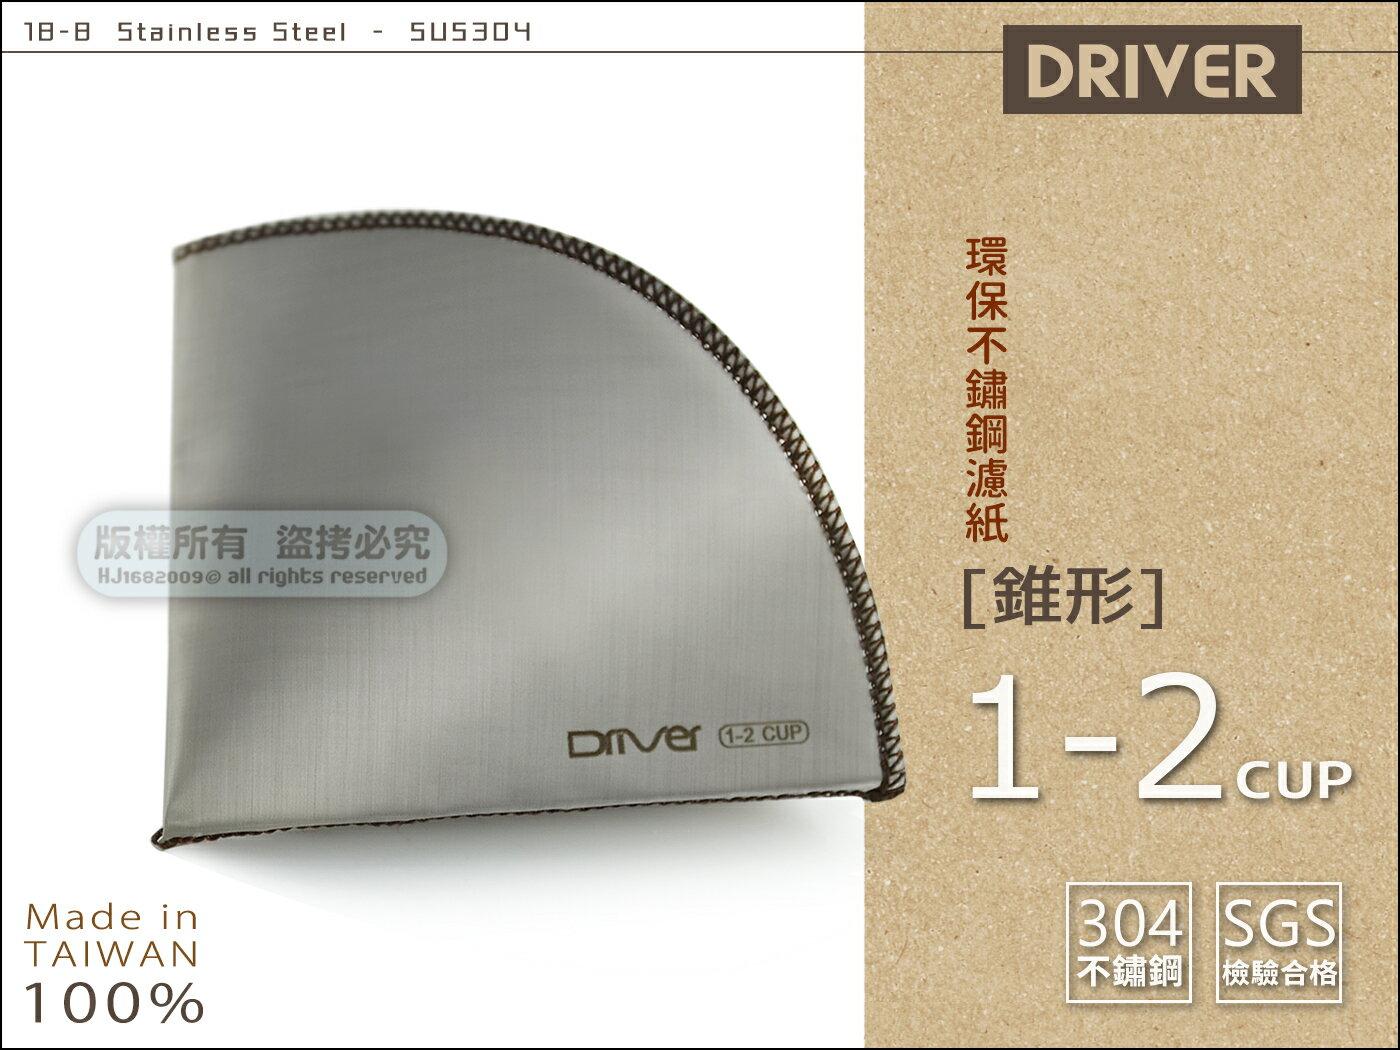 快樂屋♪ Driver 2389 【錐形】便攜式環保濾網 1~2杯 304不鏽鋼 台灣製 適用於V60濾杯.咖啡機替代傳統濾紙